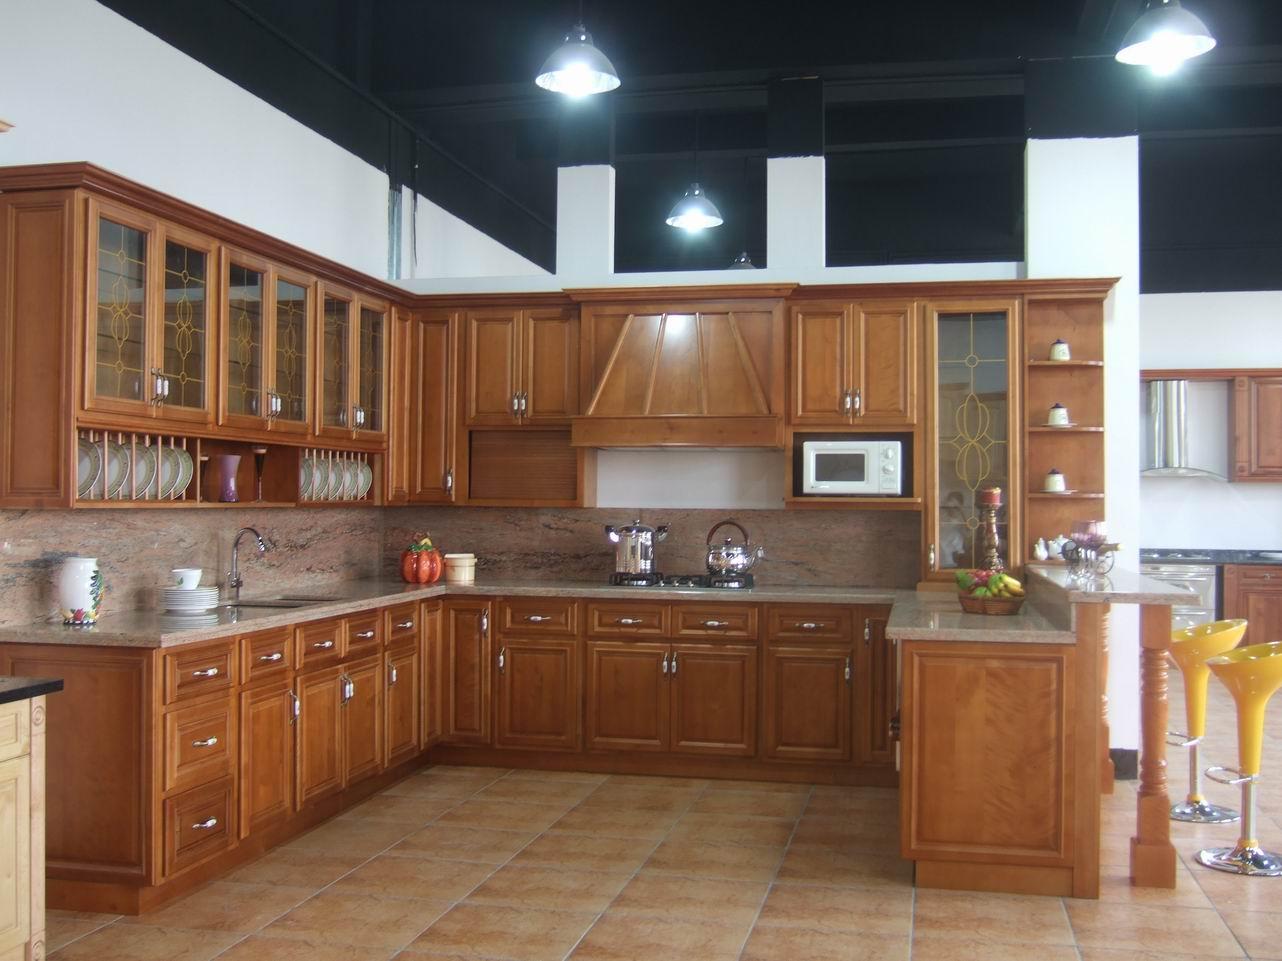 Presupuesto Muebles Cocina | Muebles De Cocina A Medida Excellent Cocinas A Medida En